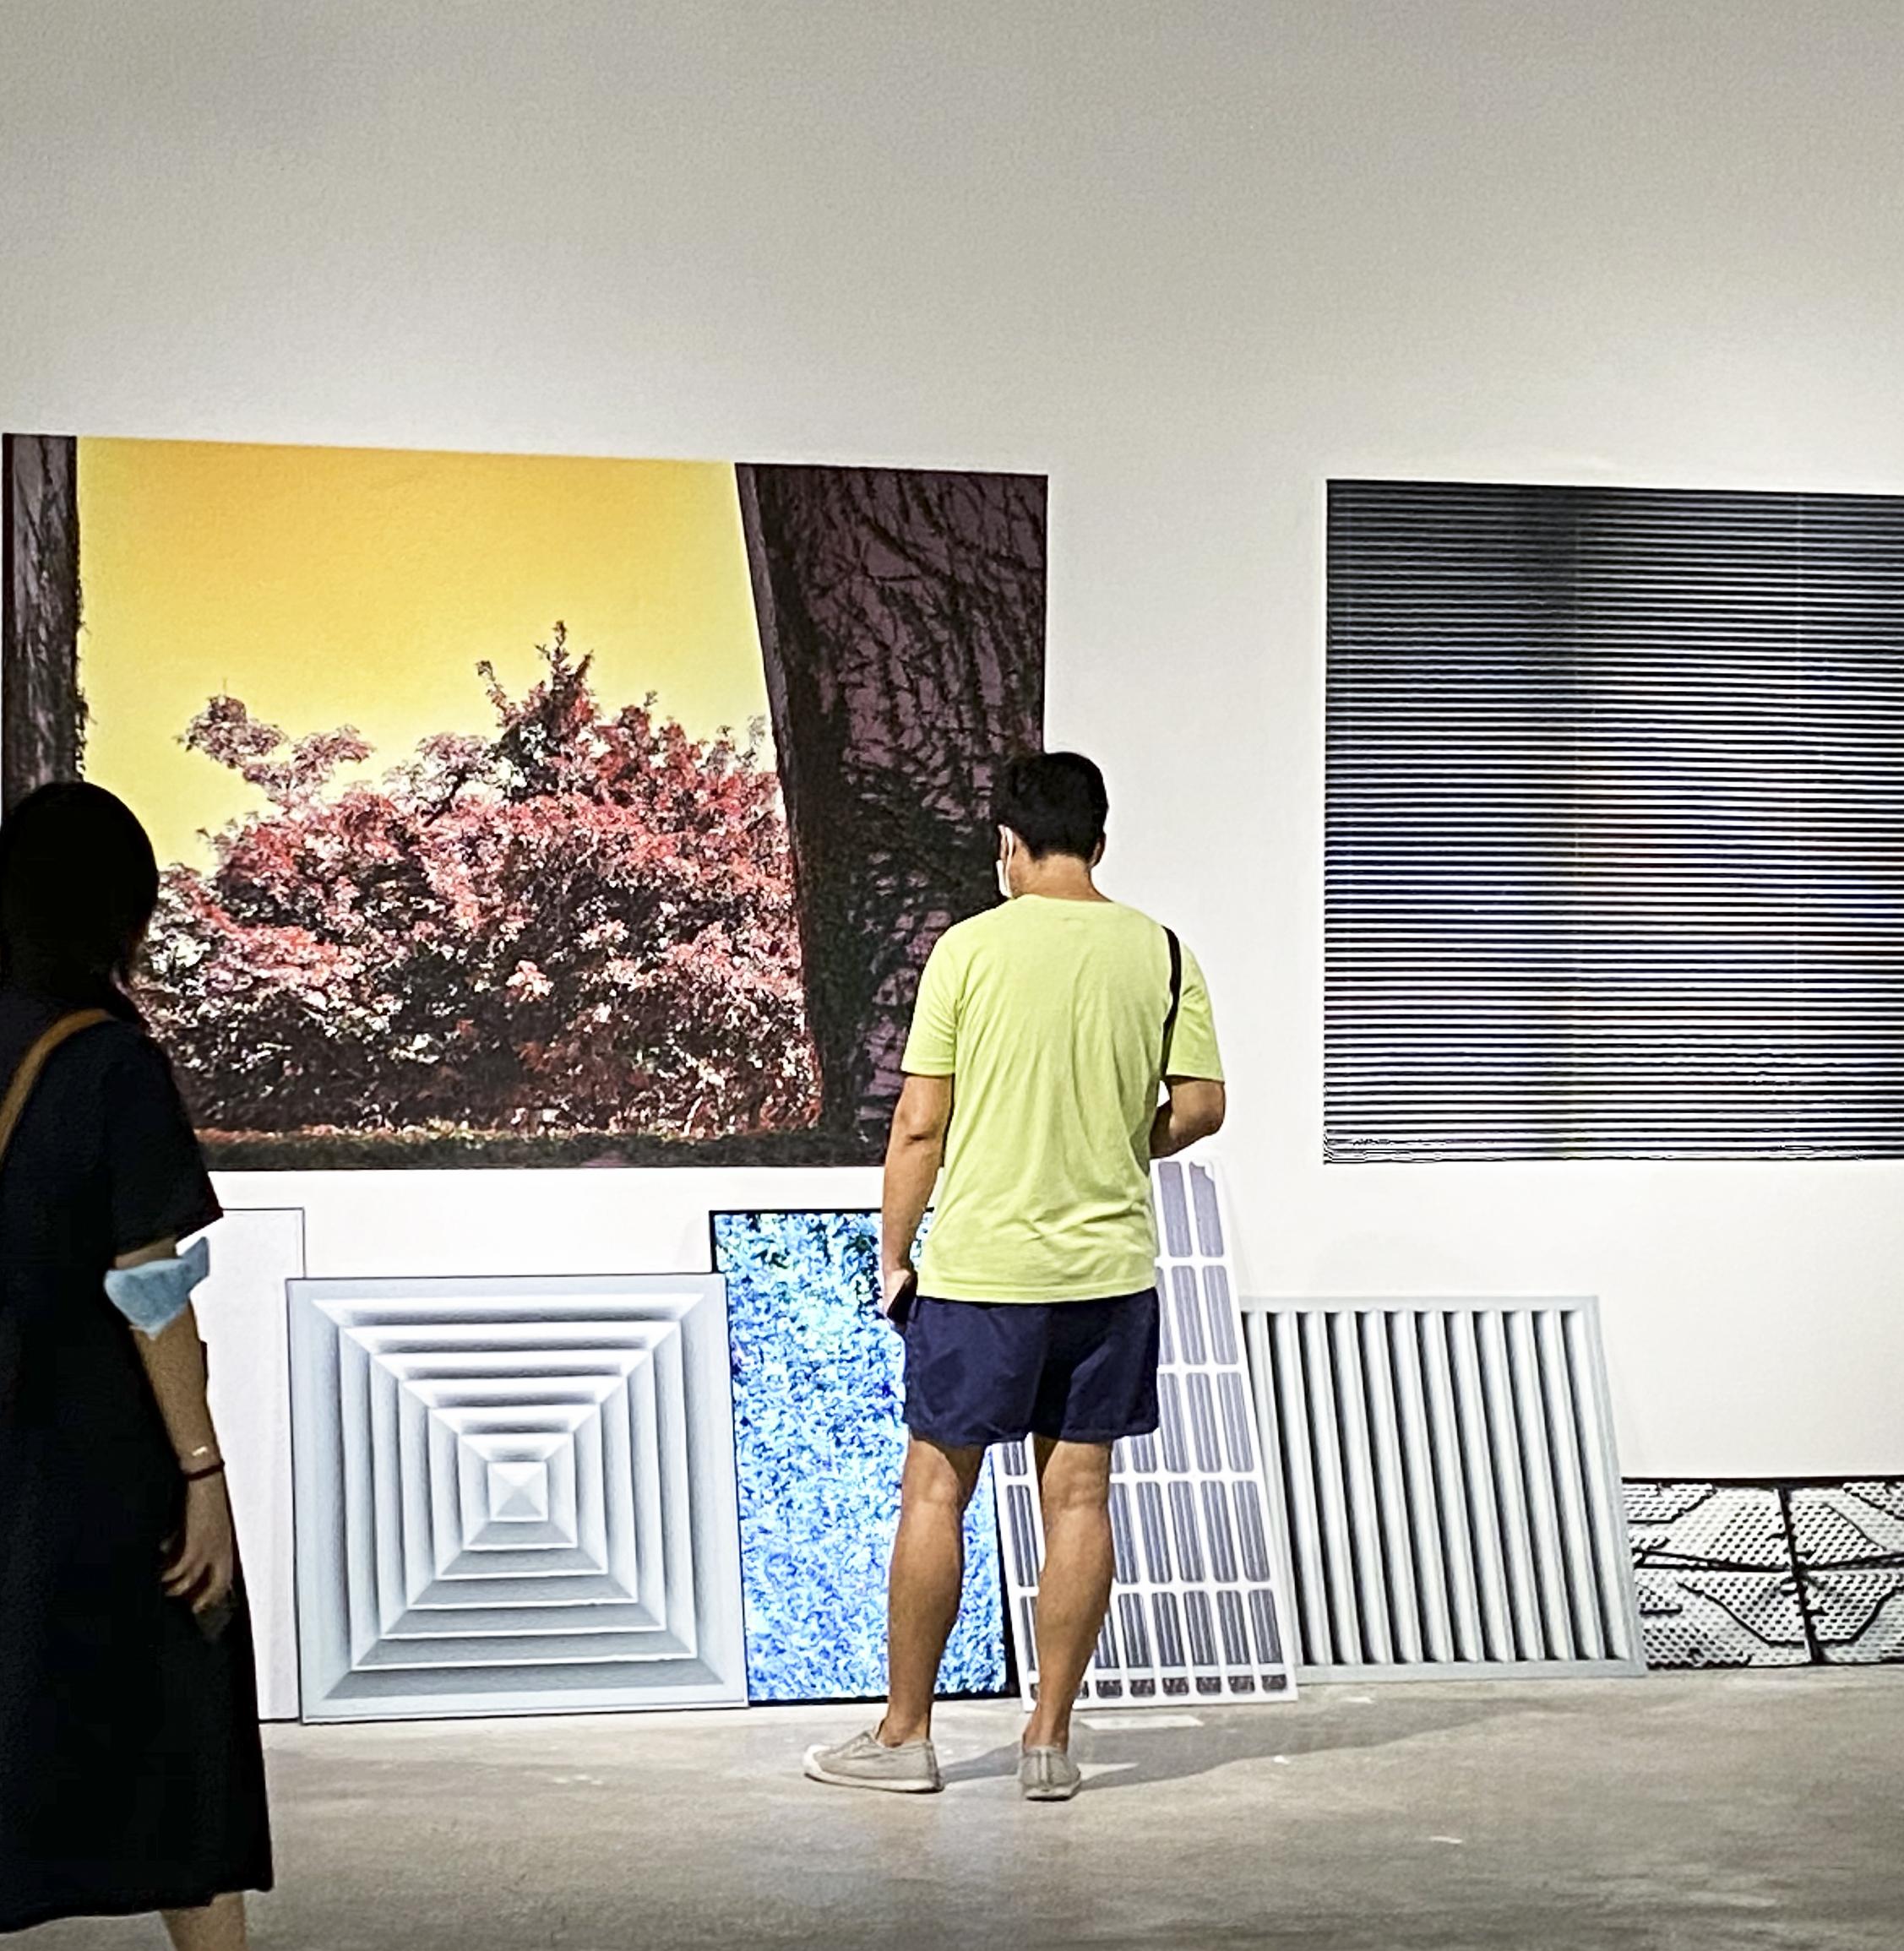 """""""共振""""第十二届三影堂摄影奖展出现场 Resonance: The 12th Three Shadows Photography Award Exhibition"""